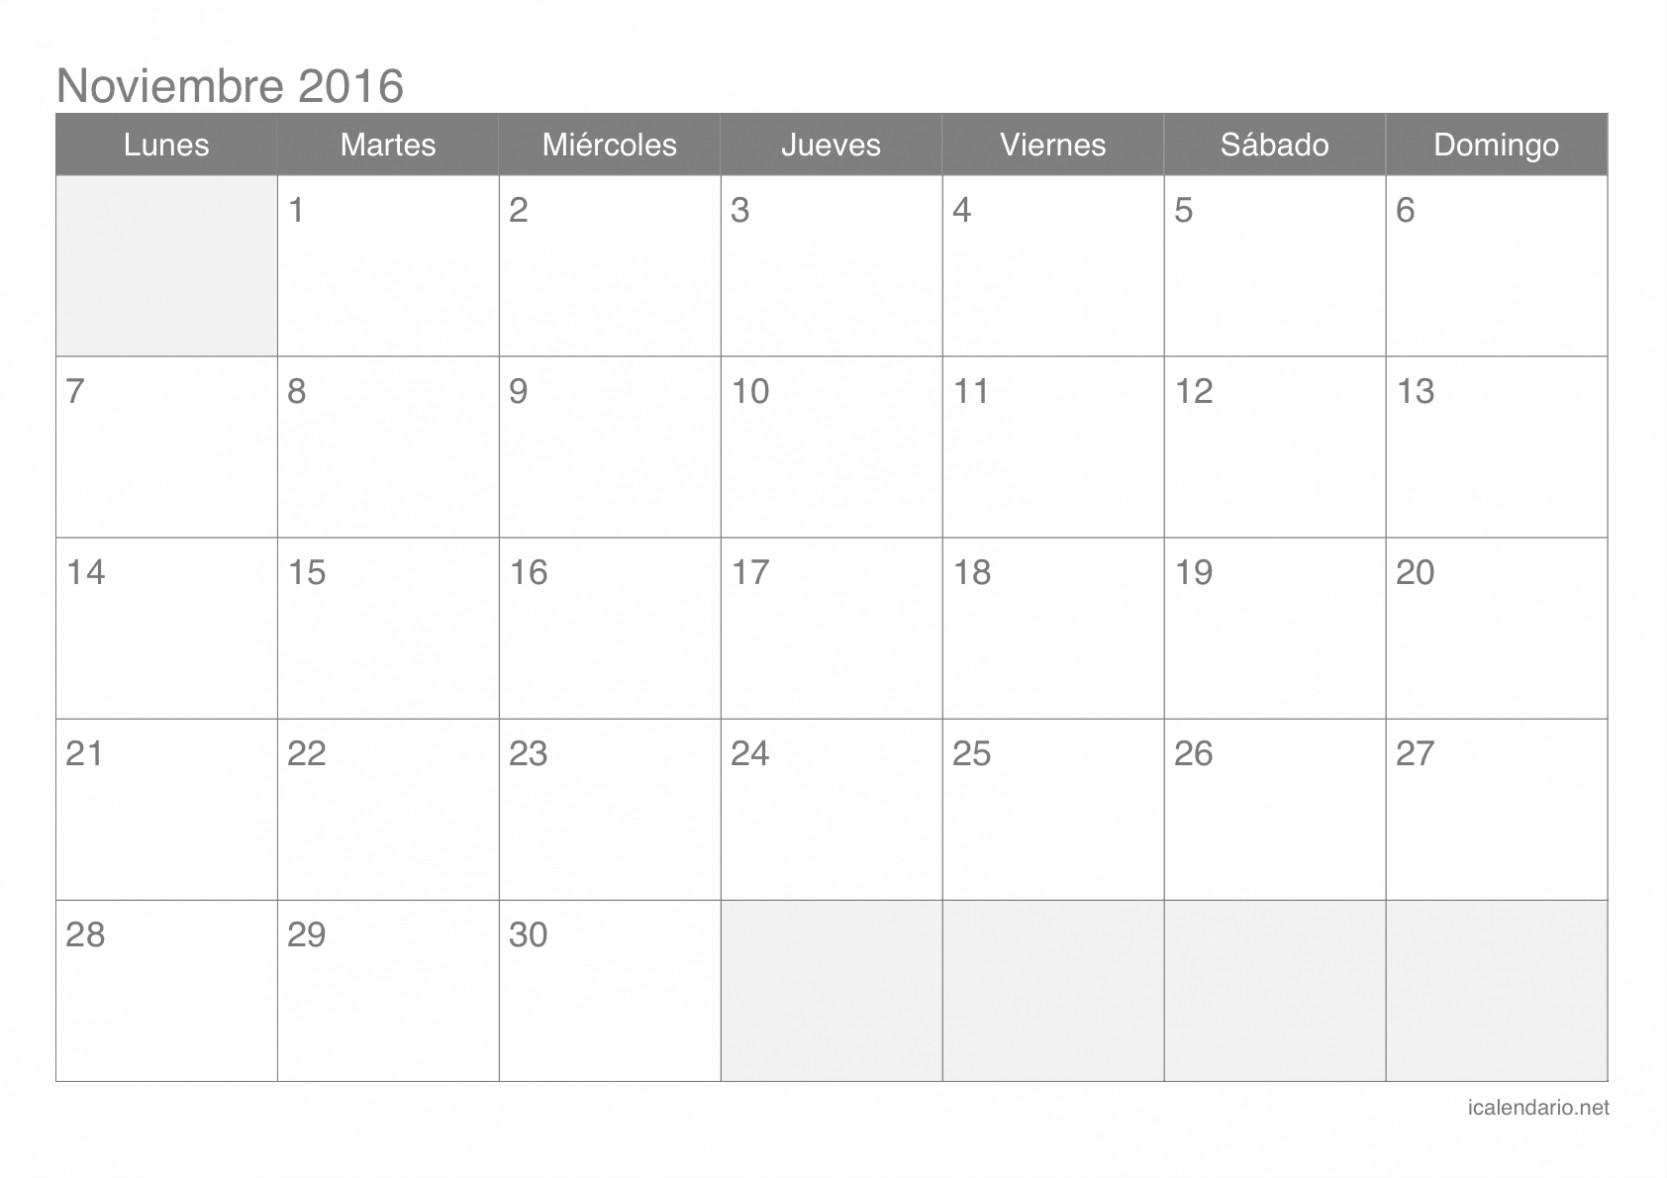 formatos para calendarios formatos para calendarios calendario noviembre 2017 para imprimir o saben estamos ofreciendo calendarios para cada mes